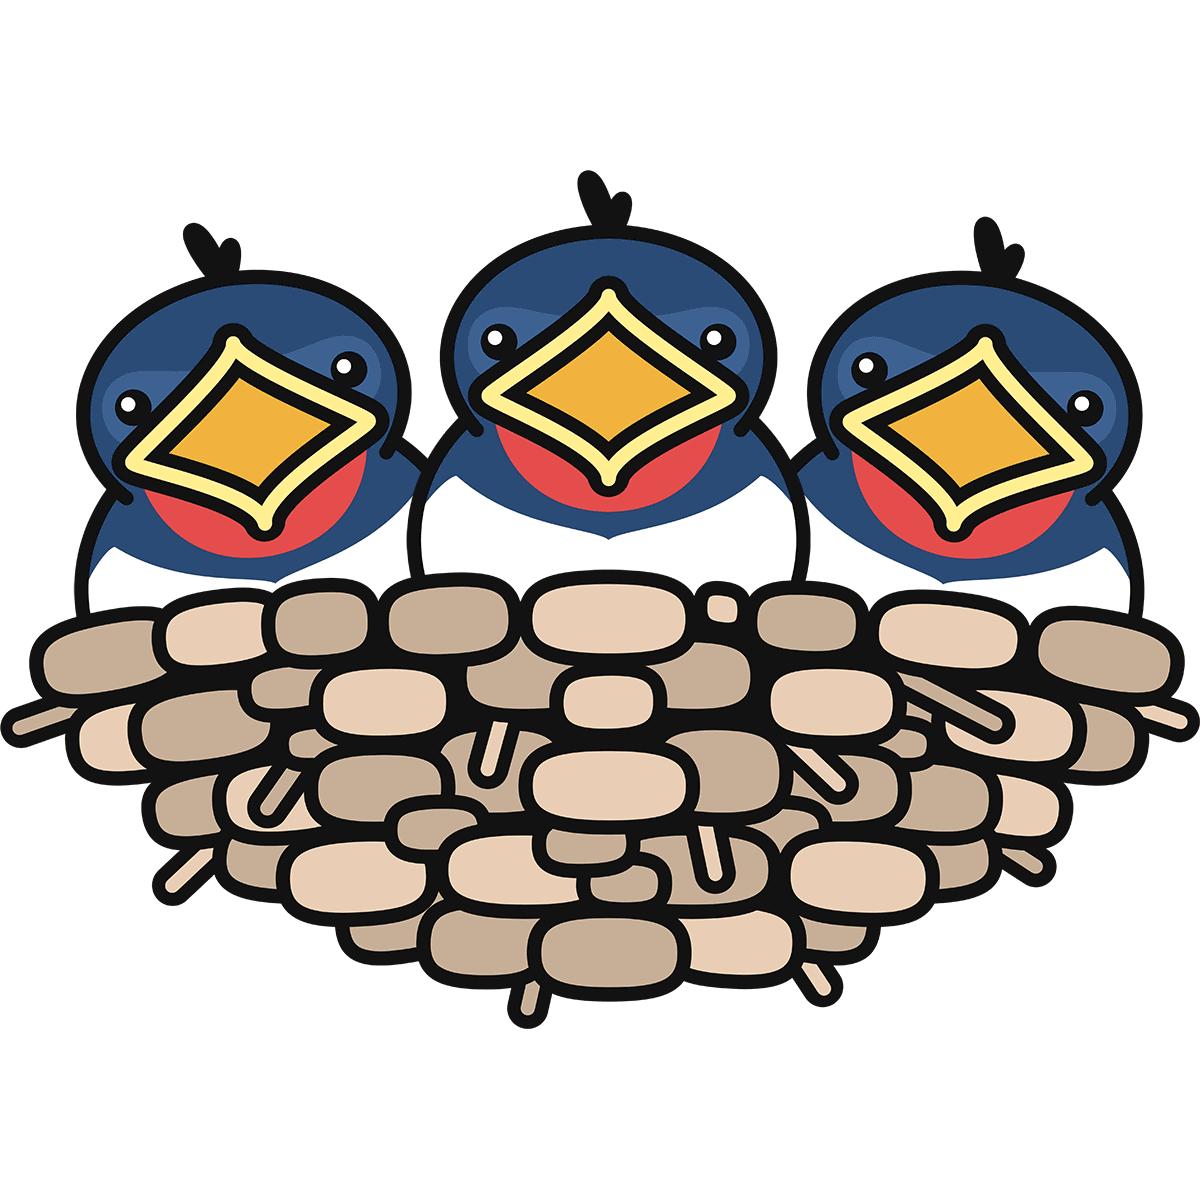 ツバメのヒナの無料イラスト